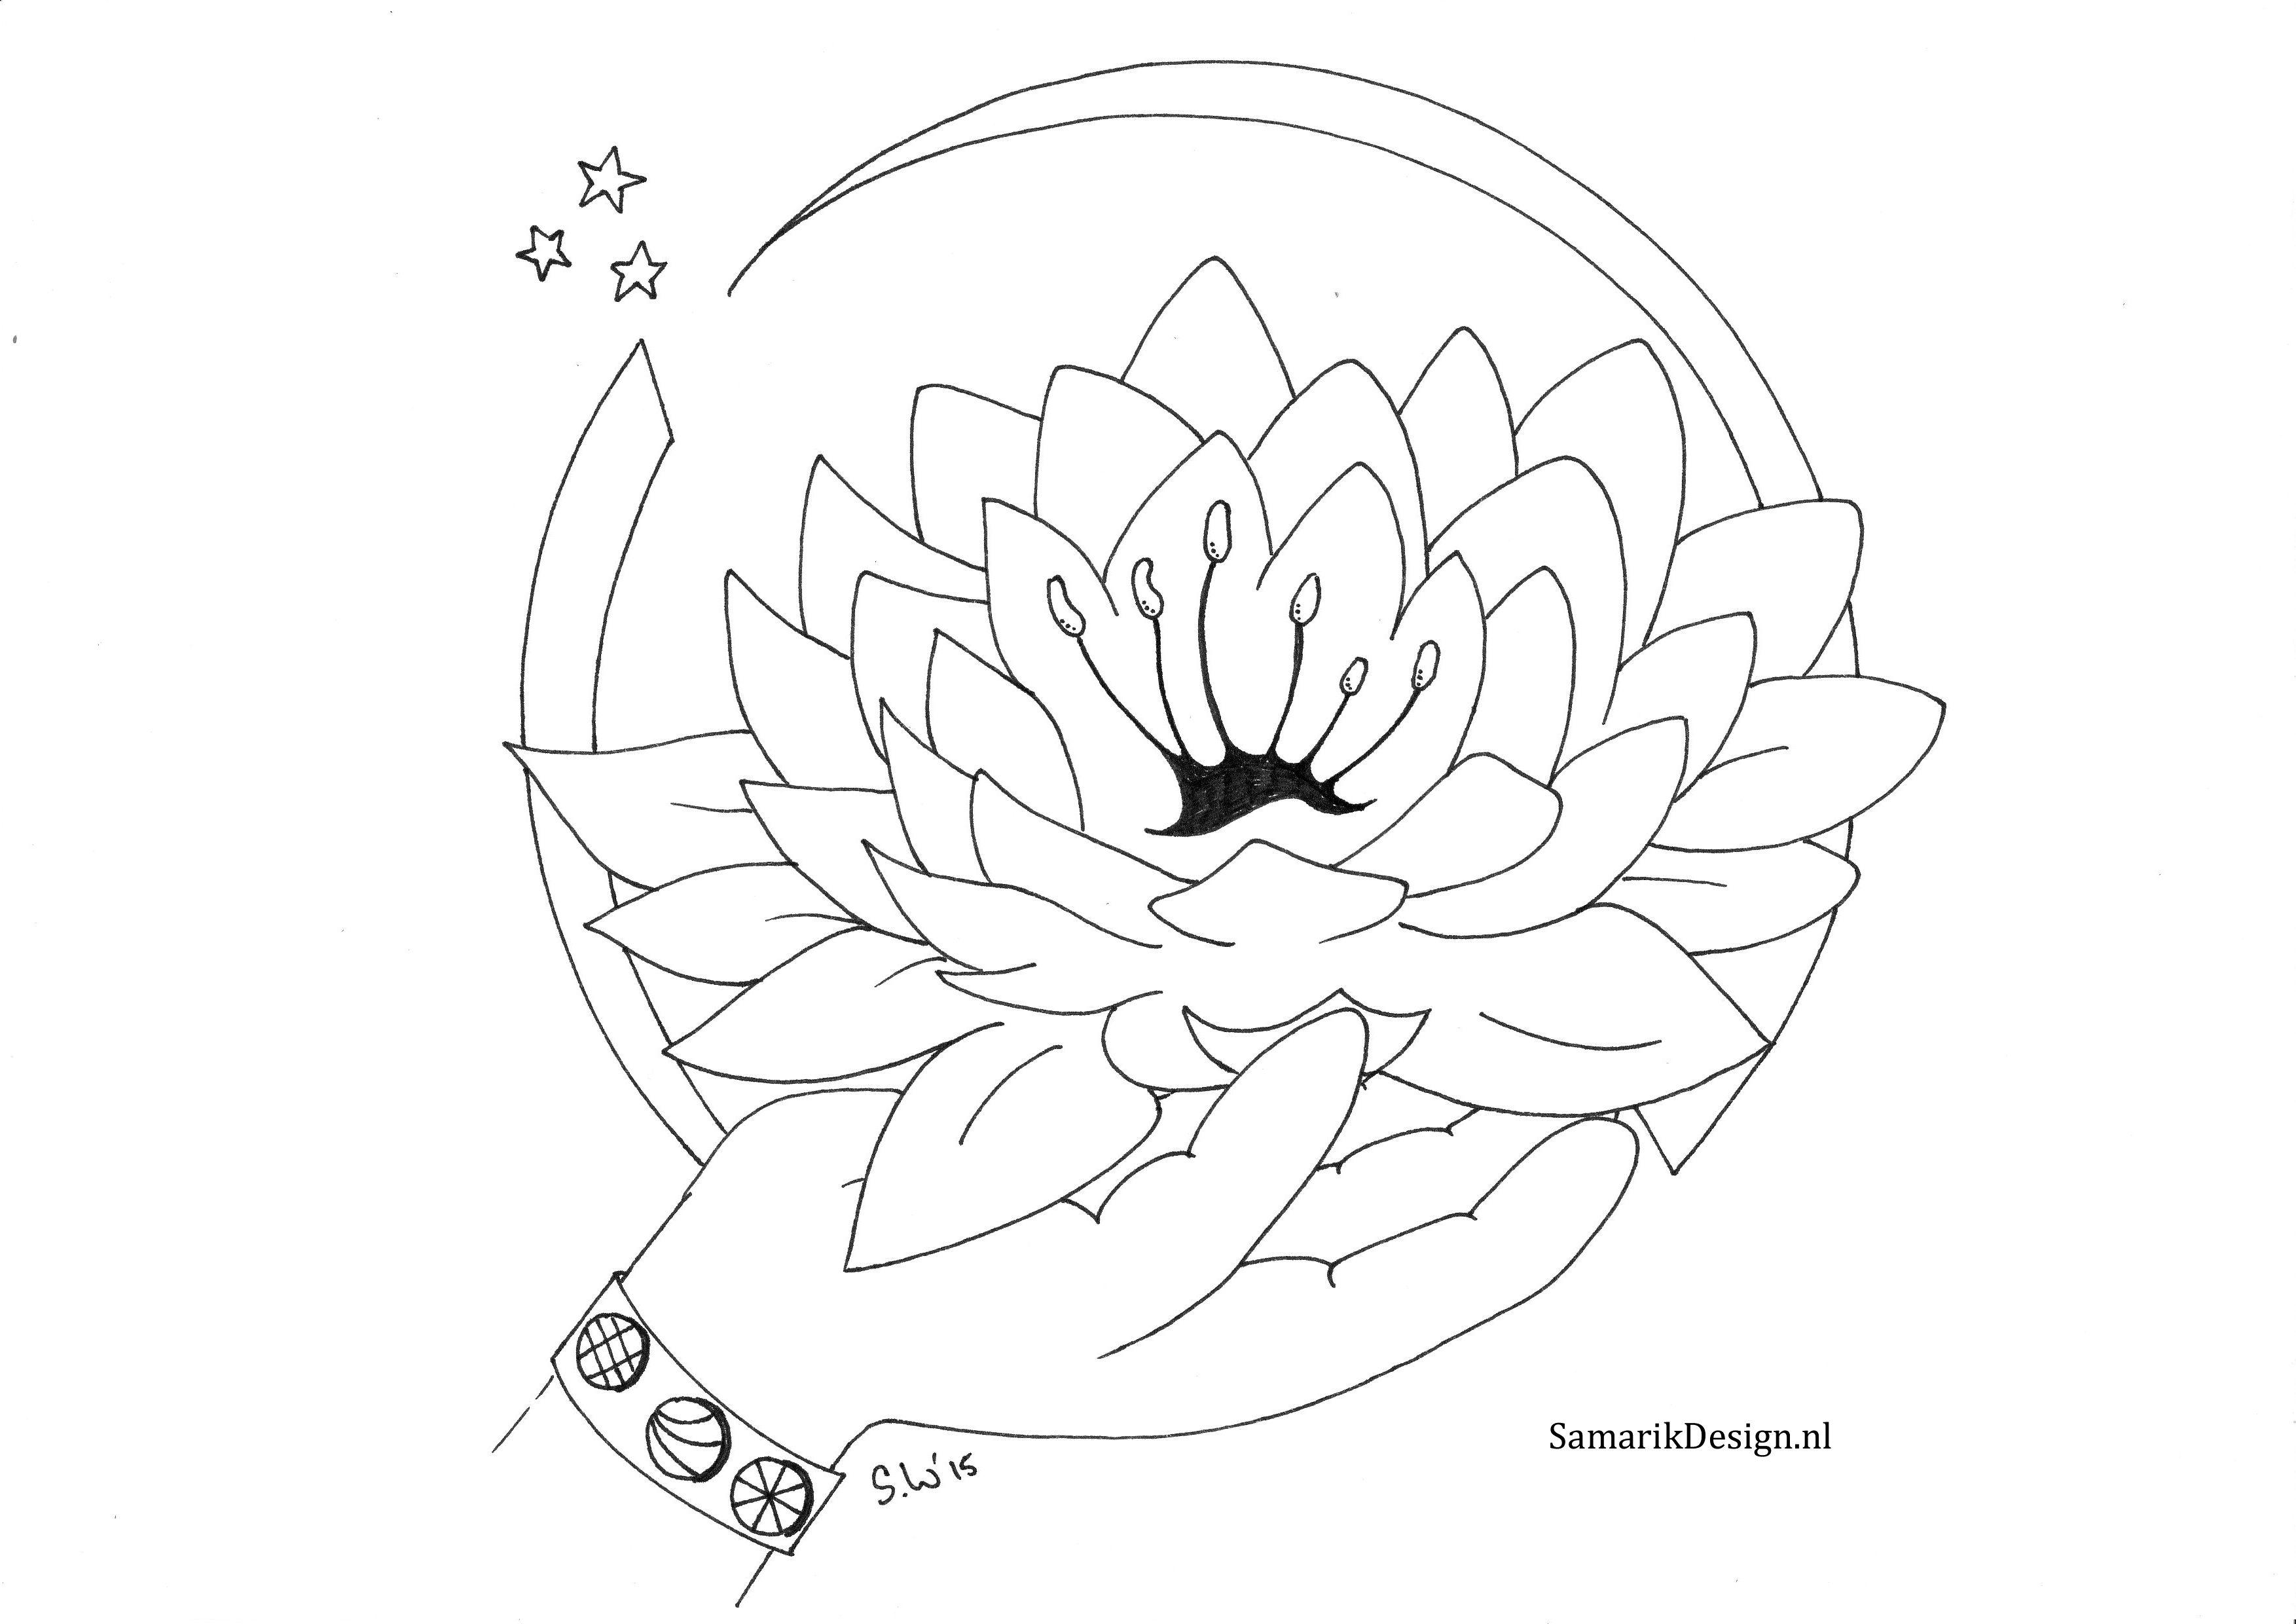 Kleurplaat Voor Volwassenen Lotus Kleurplaten Kleurplaten Voor Volwassenen Kleuren